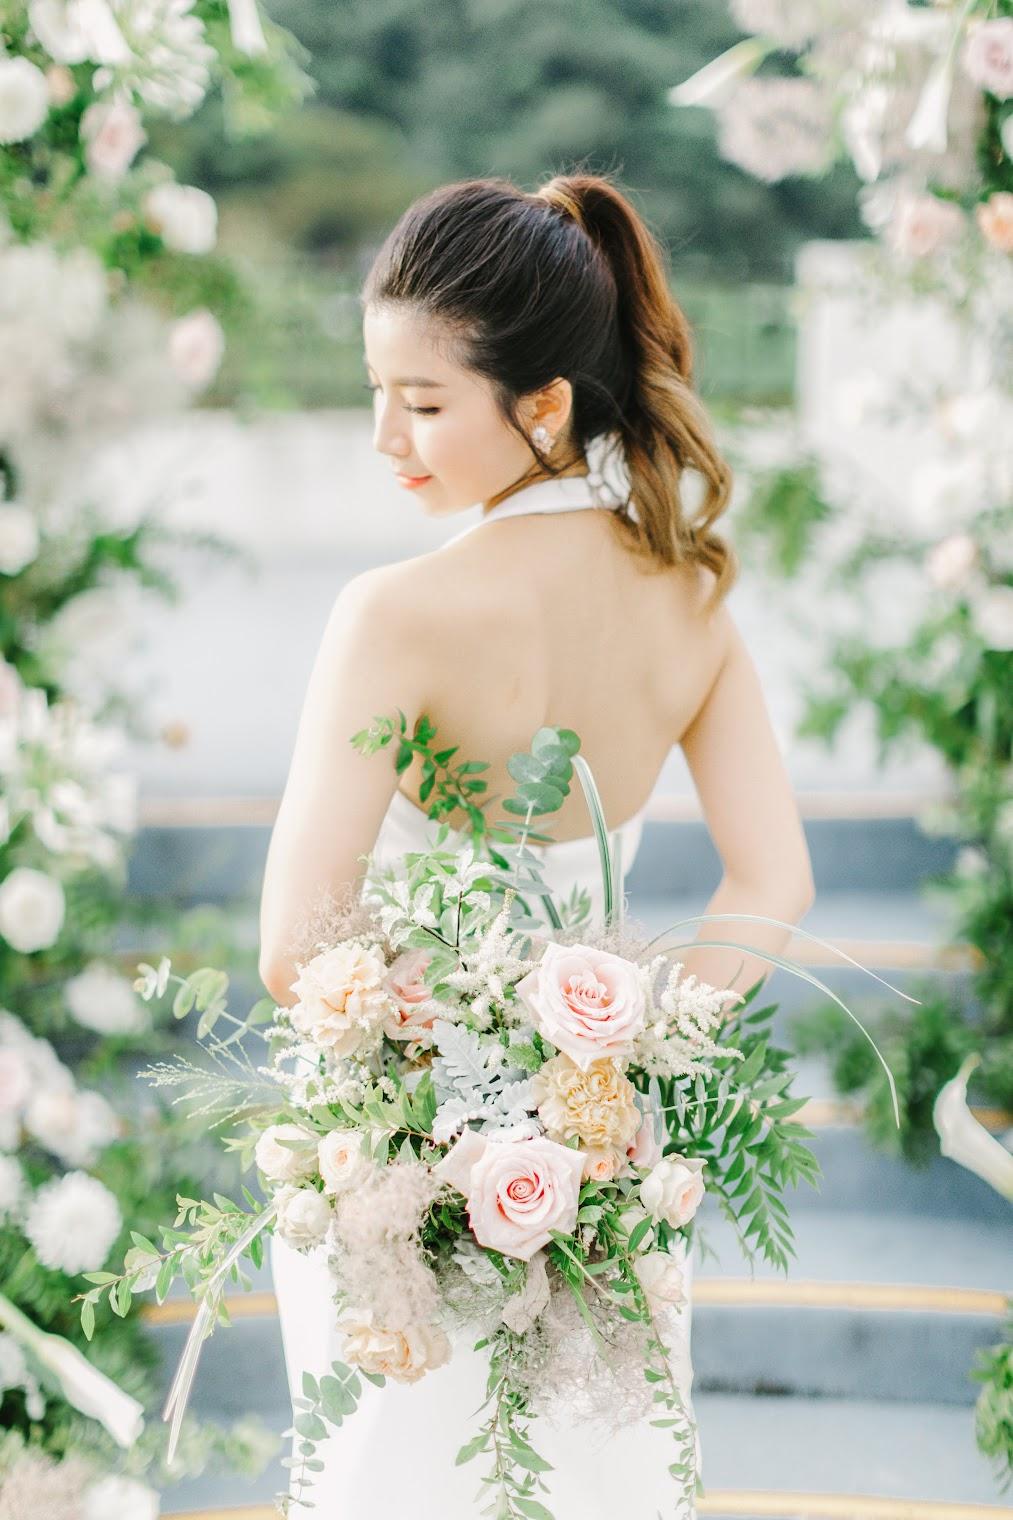 美式婚禮 | WEDDING PARTY | 大坑樂尼尼婚禮 – 小型婚禮派對 – 美式婚禮紀錄 – 戶外證婚